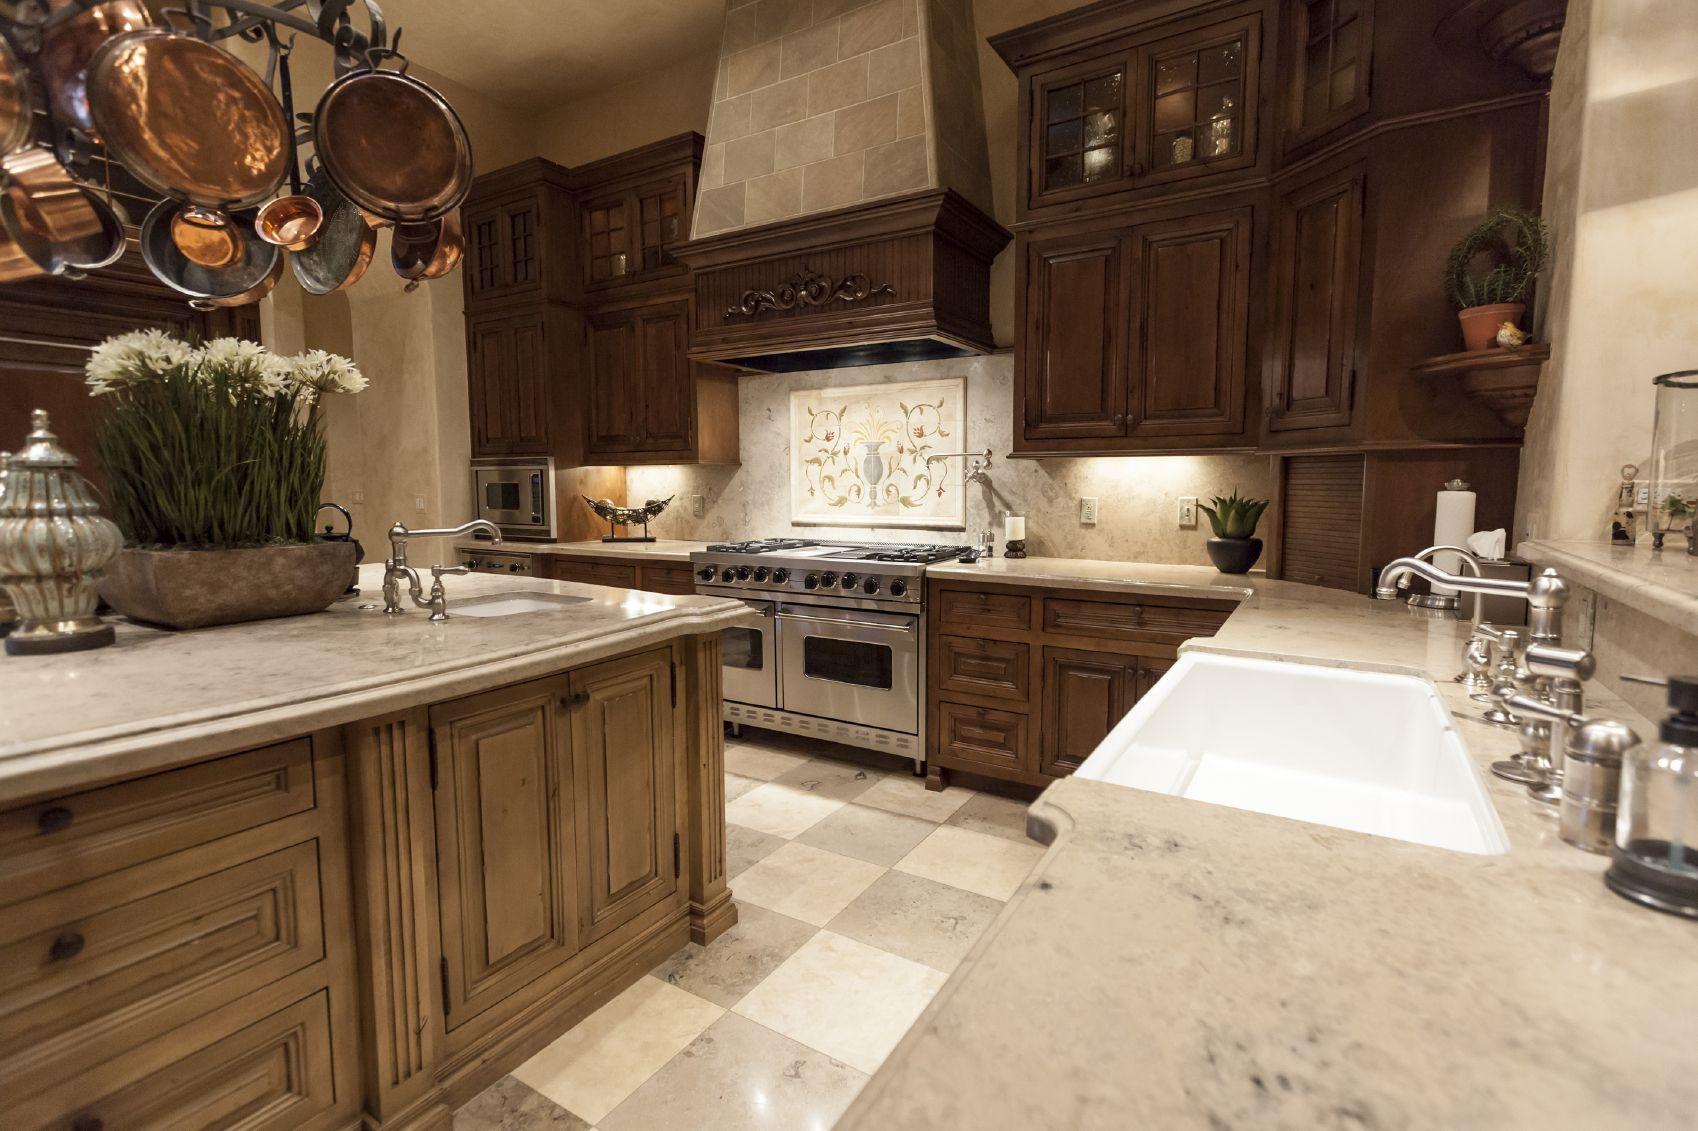 Küchenideen ahornschränke faszinierend dunklem holz küche  für ausreichend große zimmer